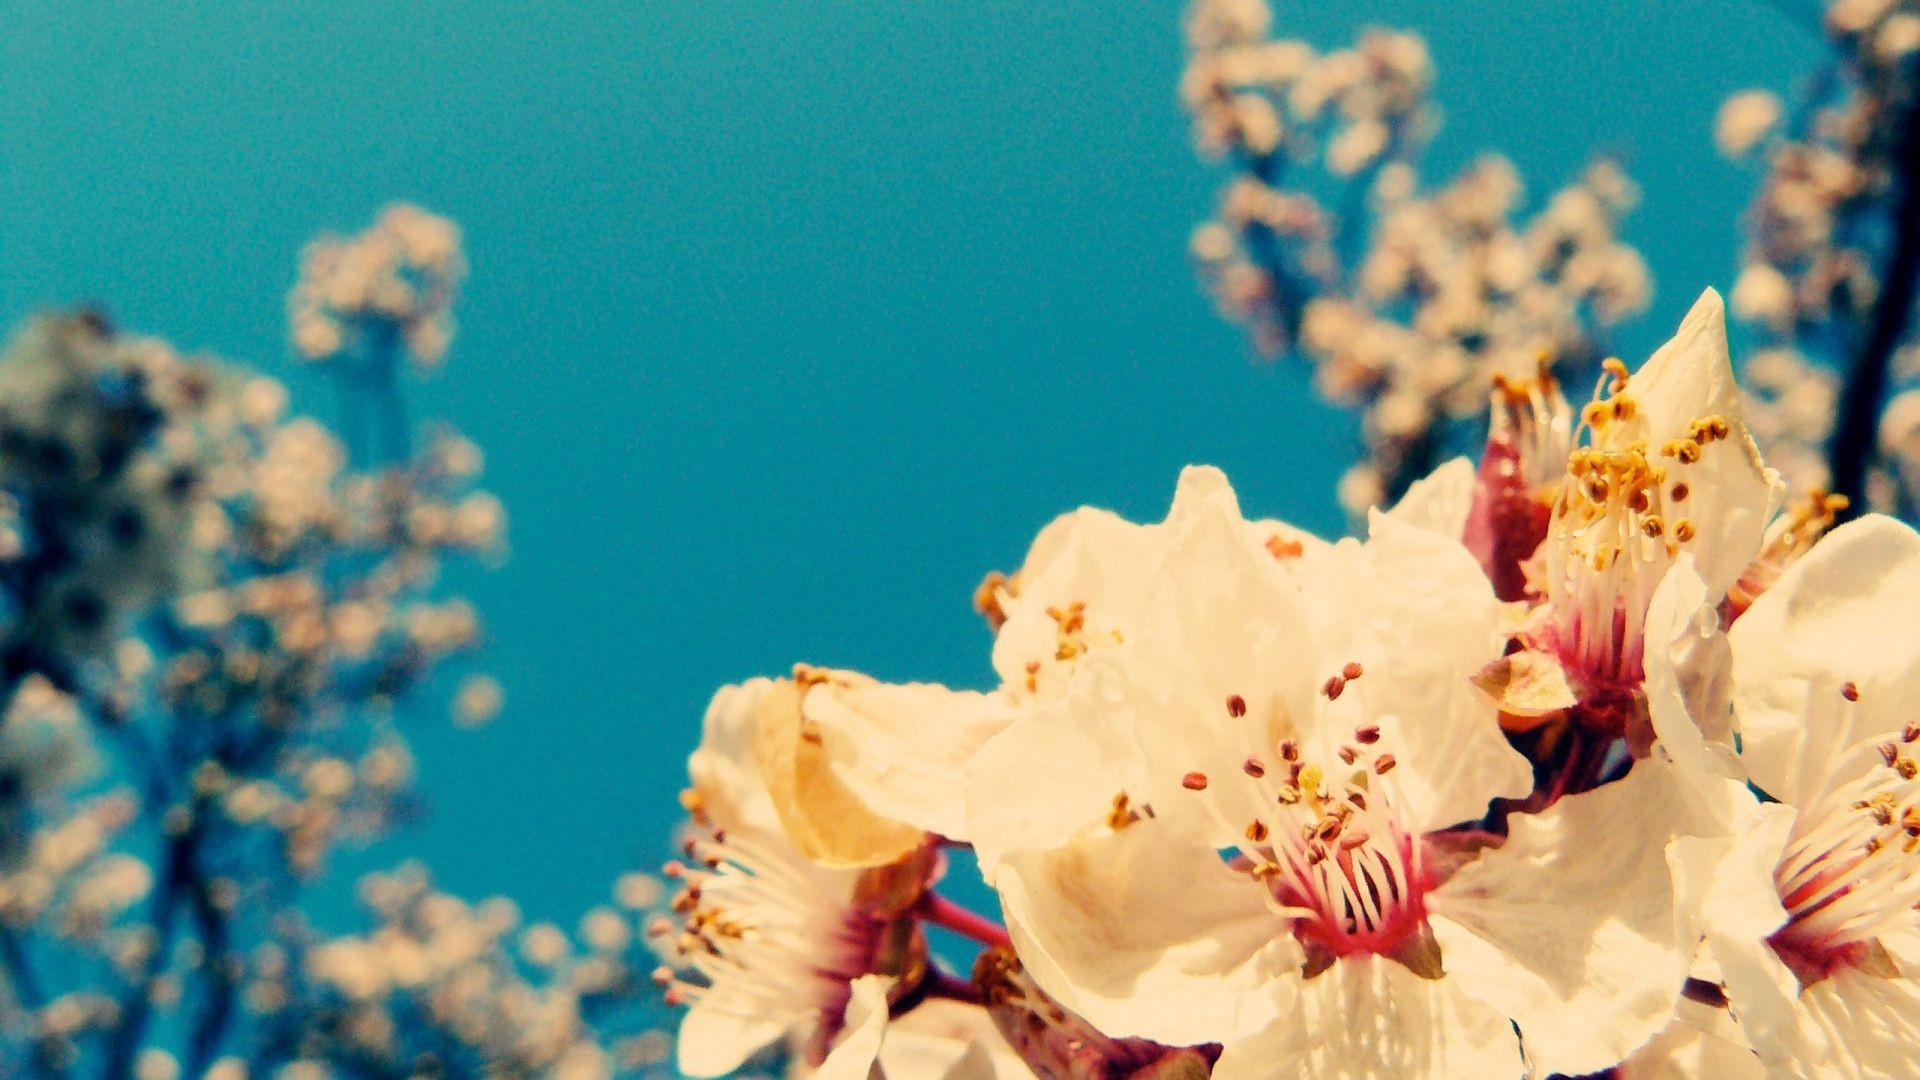 Image for Vintage Flower HD Wallpaper Desktop